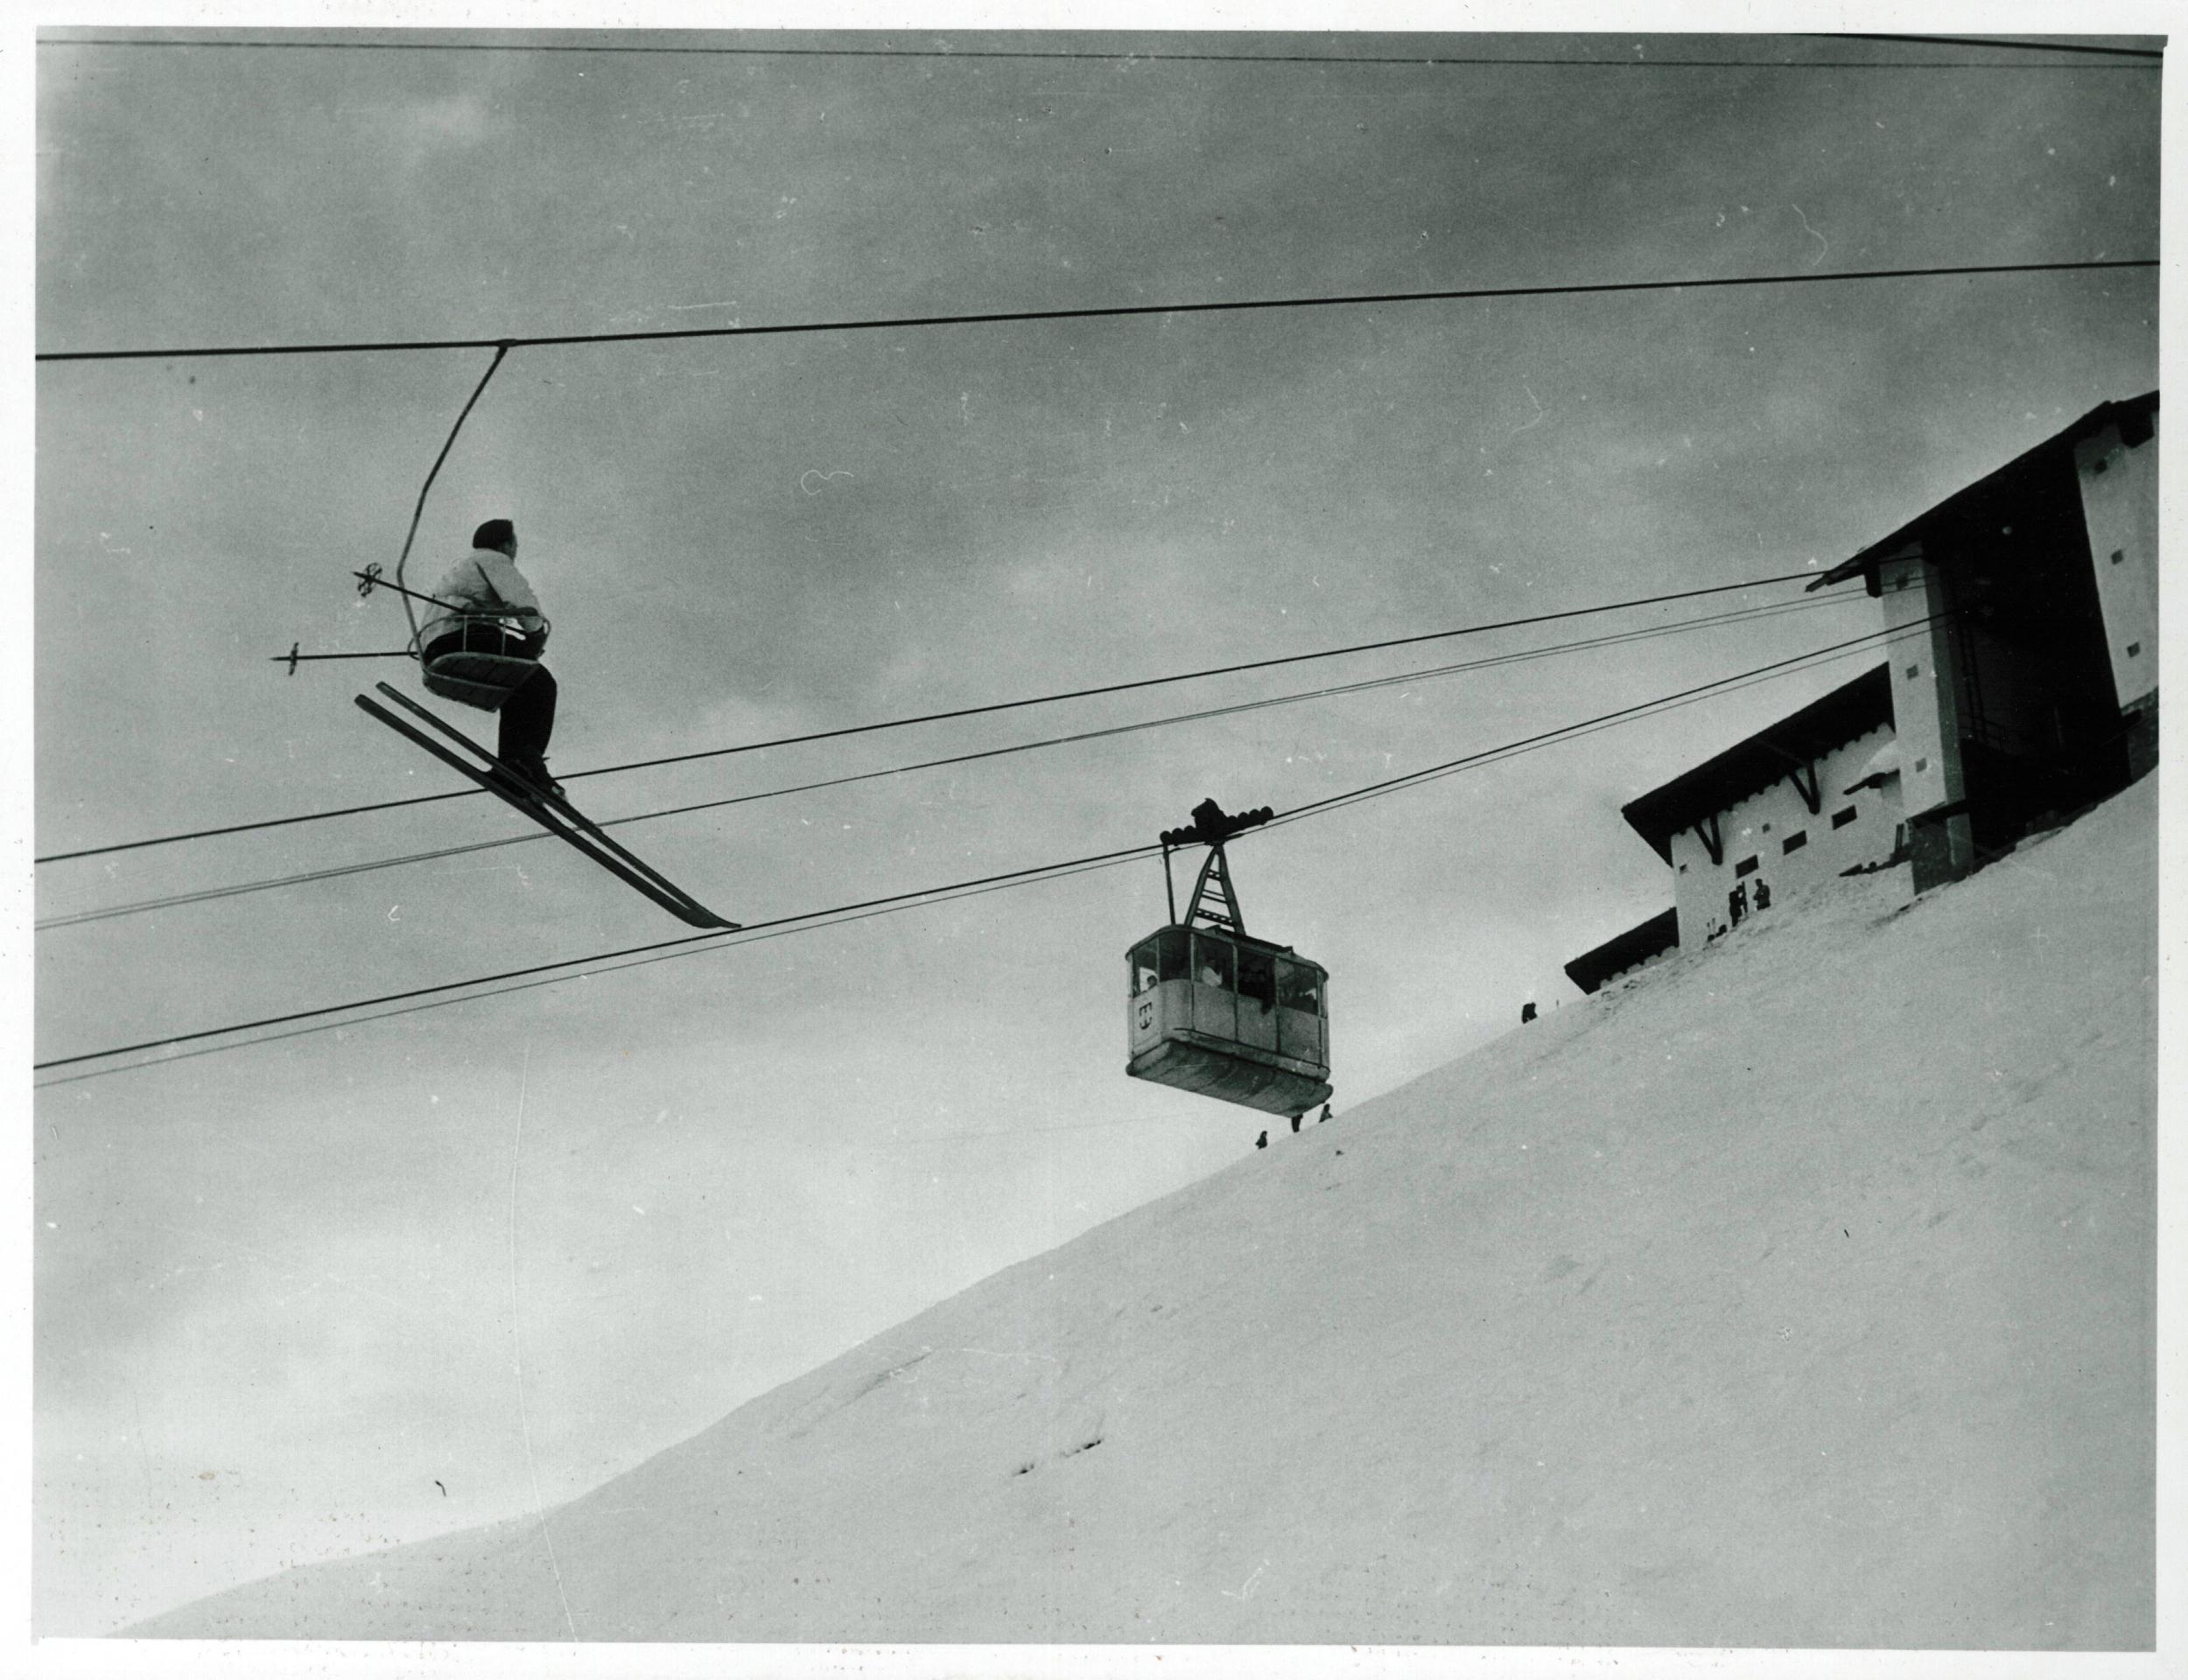 Innsbrucks Bewerbung Für Die Olympischen Winterspiele 1960, Teil 4